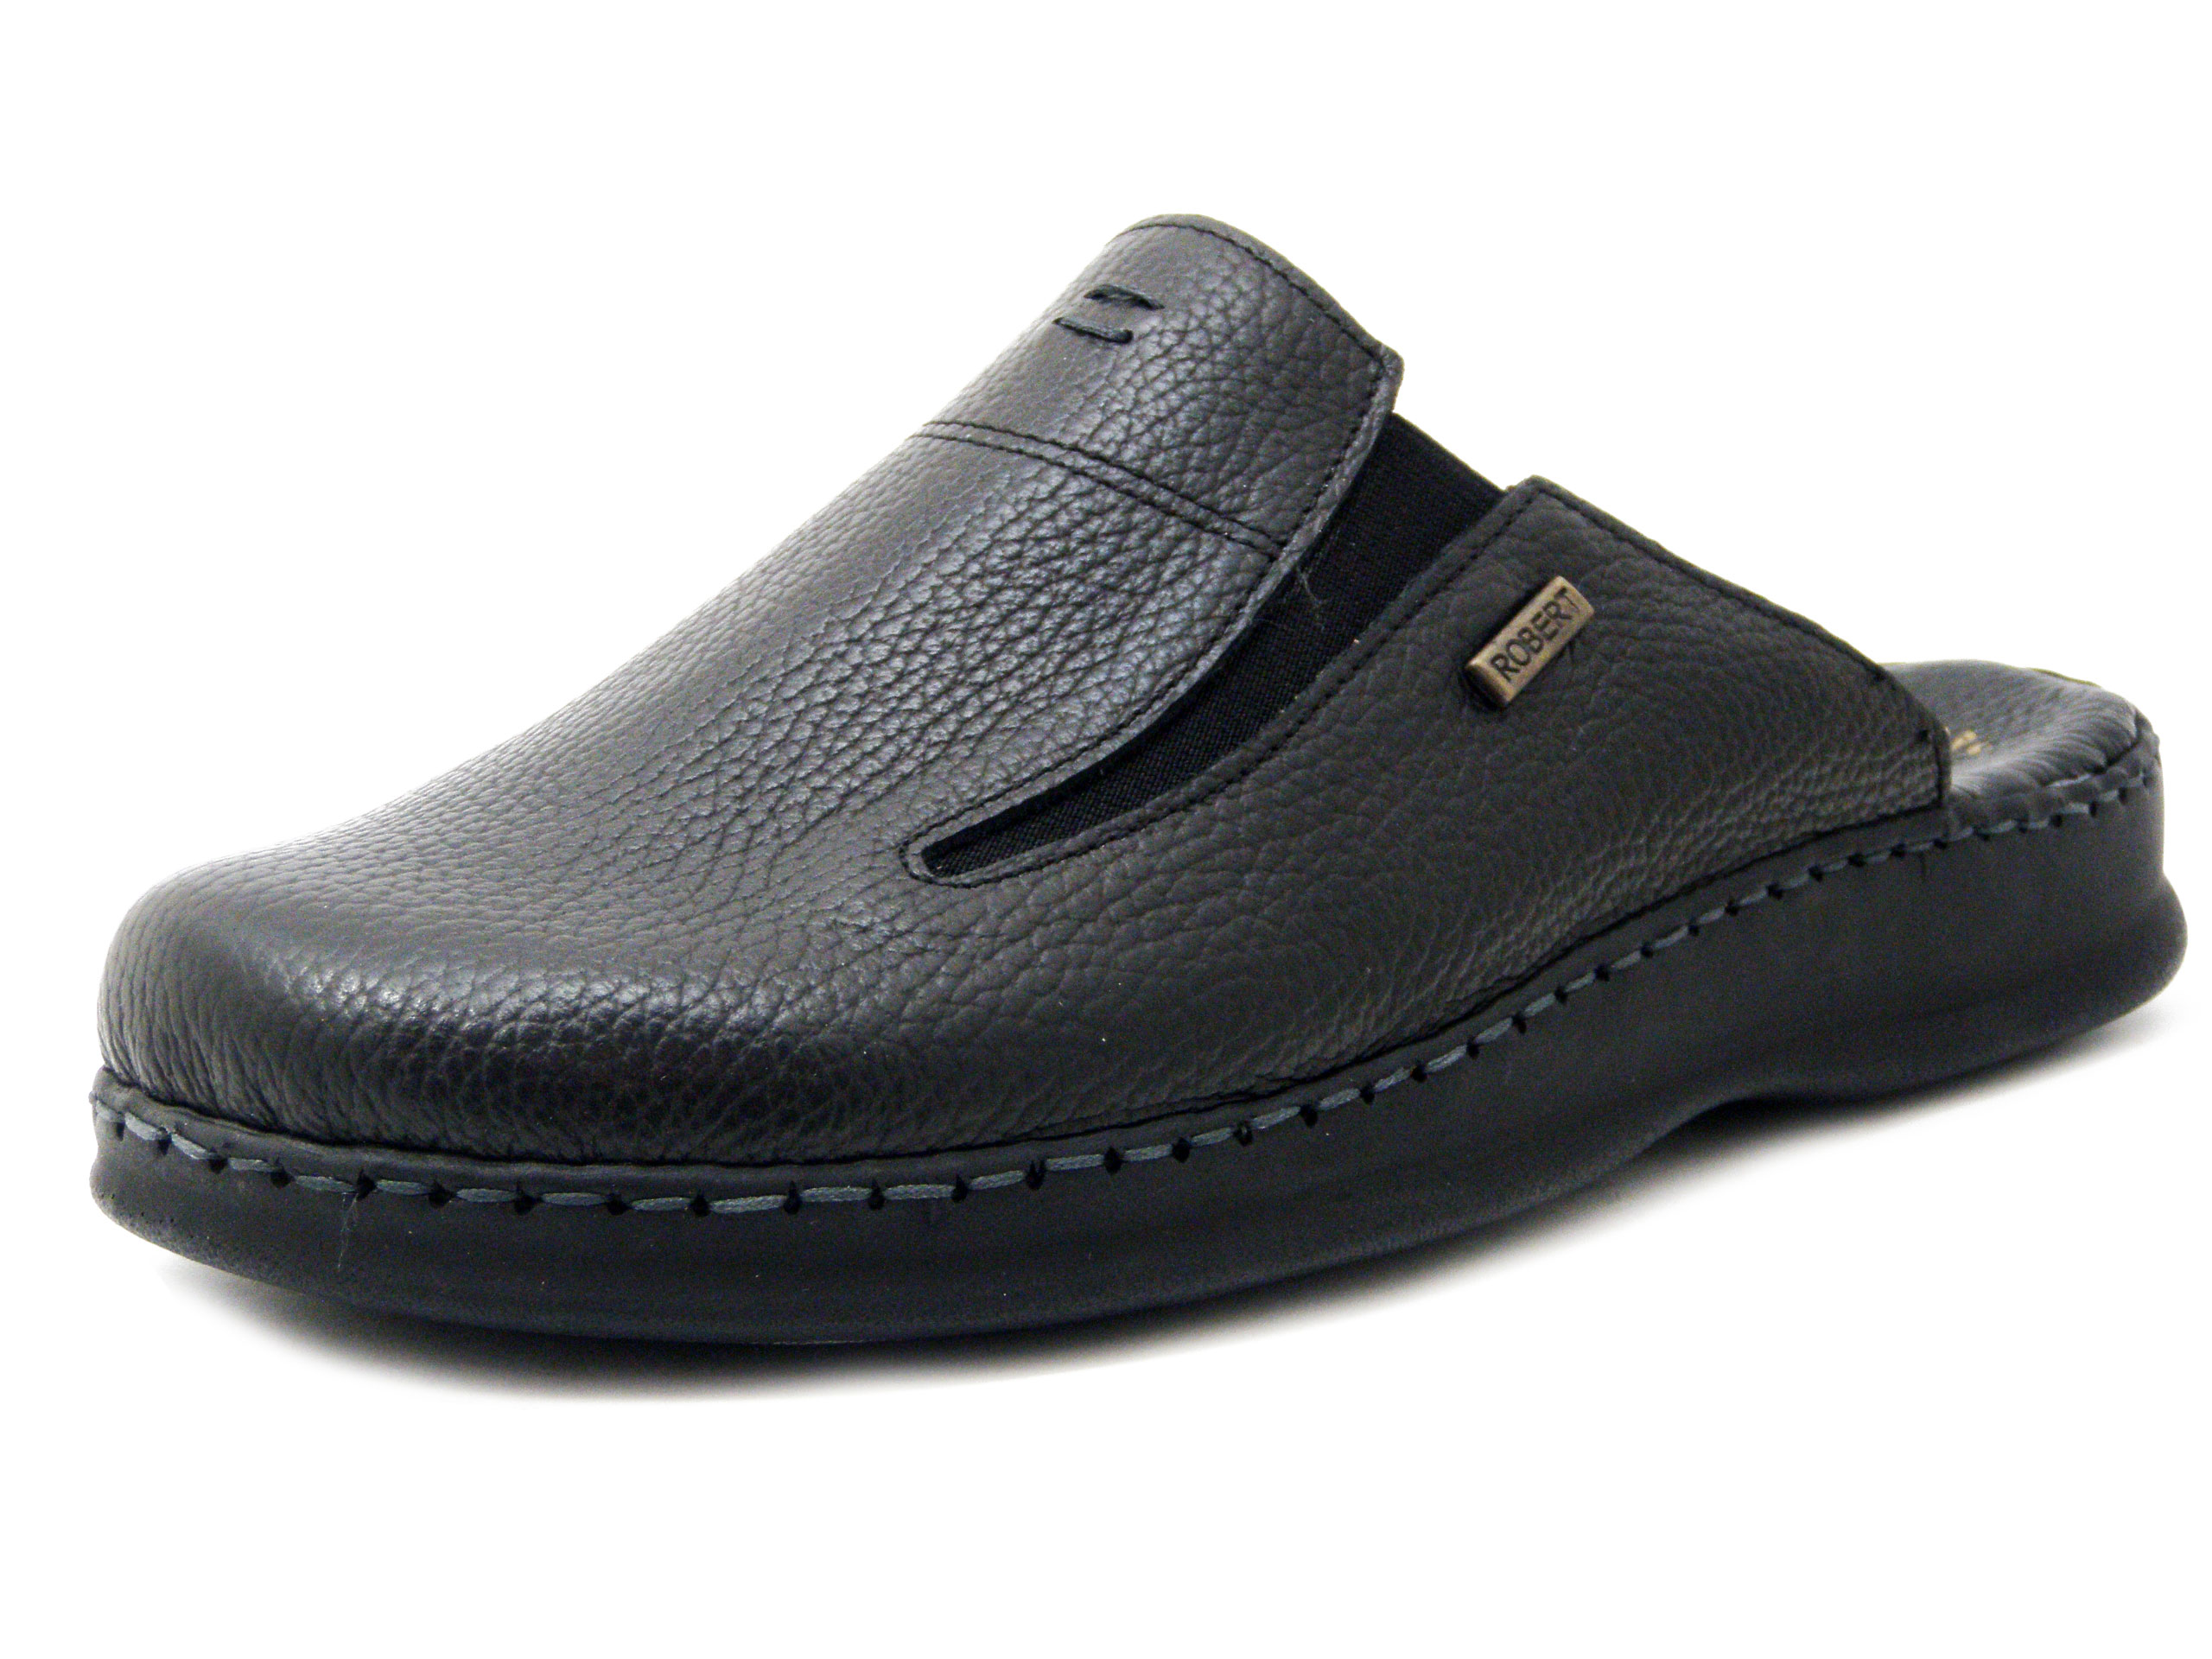 ottima qualità cerca le ultime ampia selezione di design Robert, Ciabatte Chiuse Pantofola Uomo in Pelle Nero, Sottopiede  Traspirante in Memory Foam, C85128